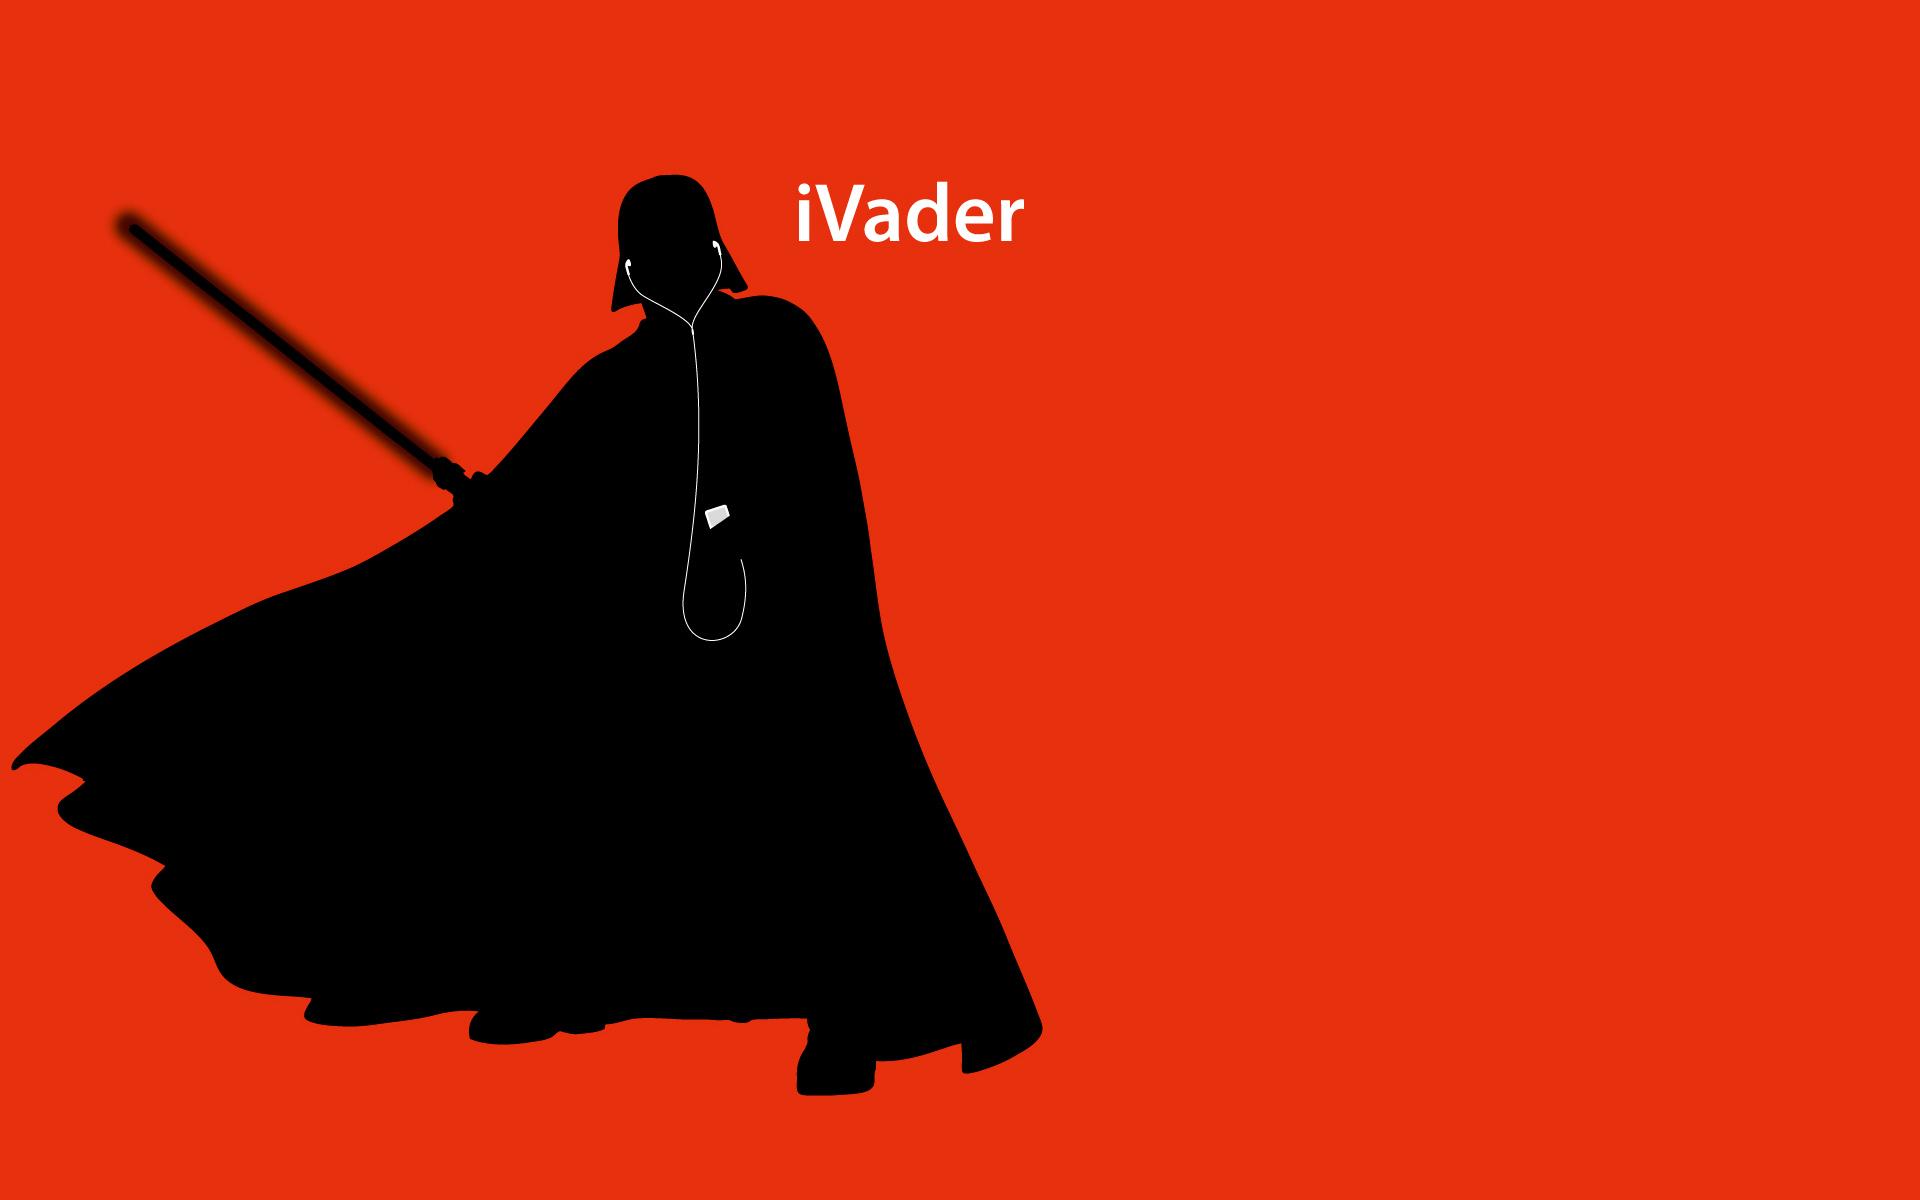 Star Wars iPod Ad Wallpaper 5 by jamesrudge 1920x1200